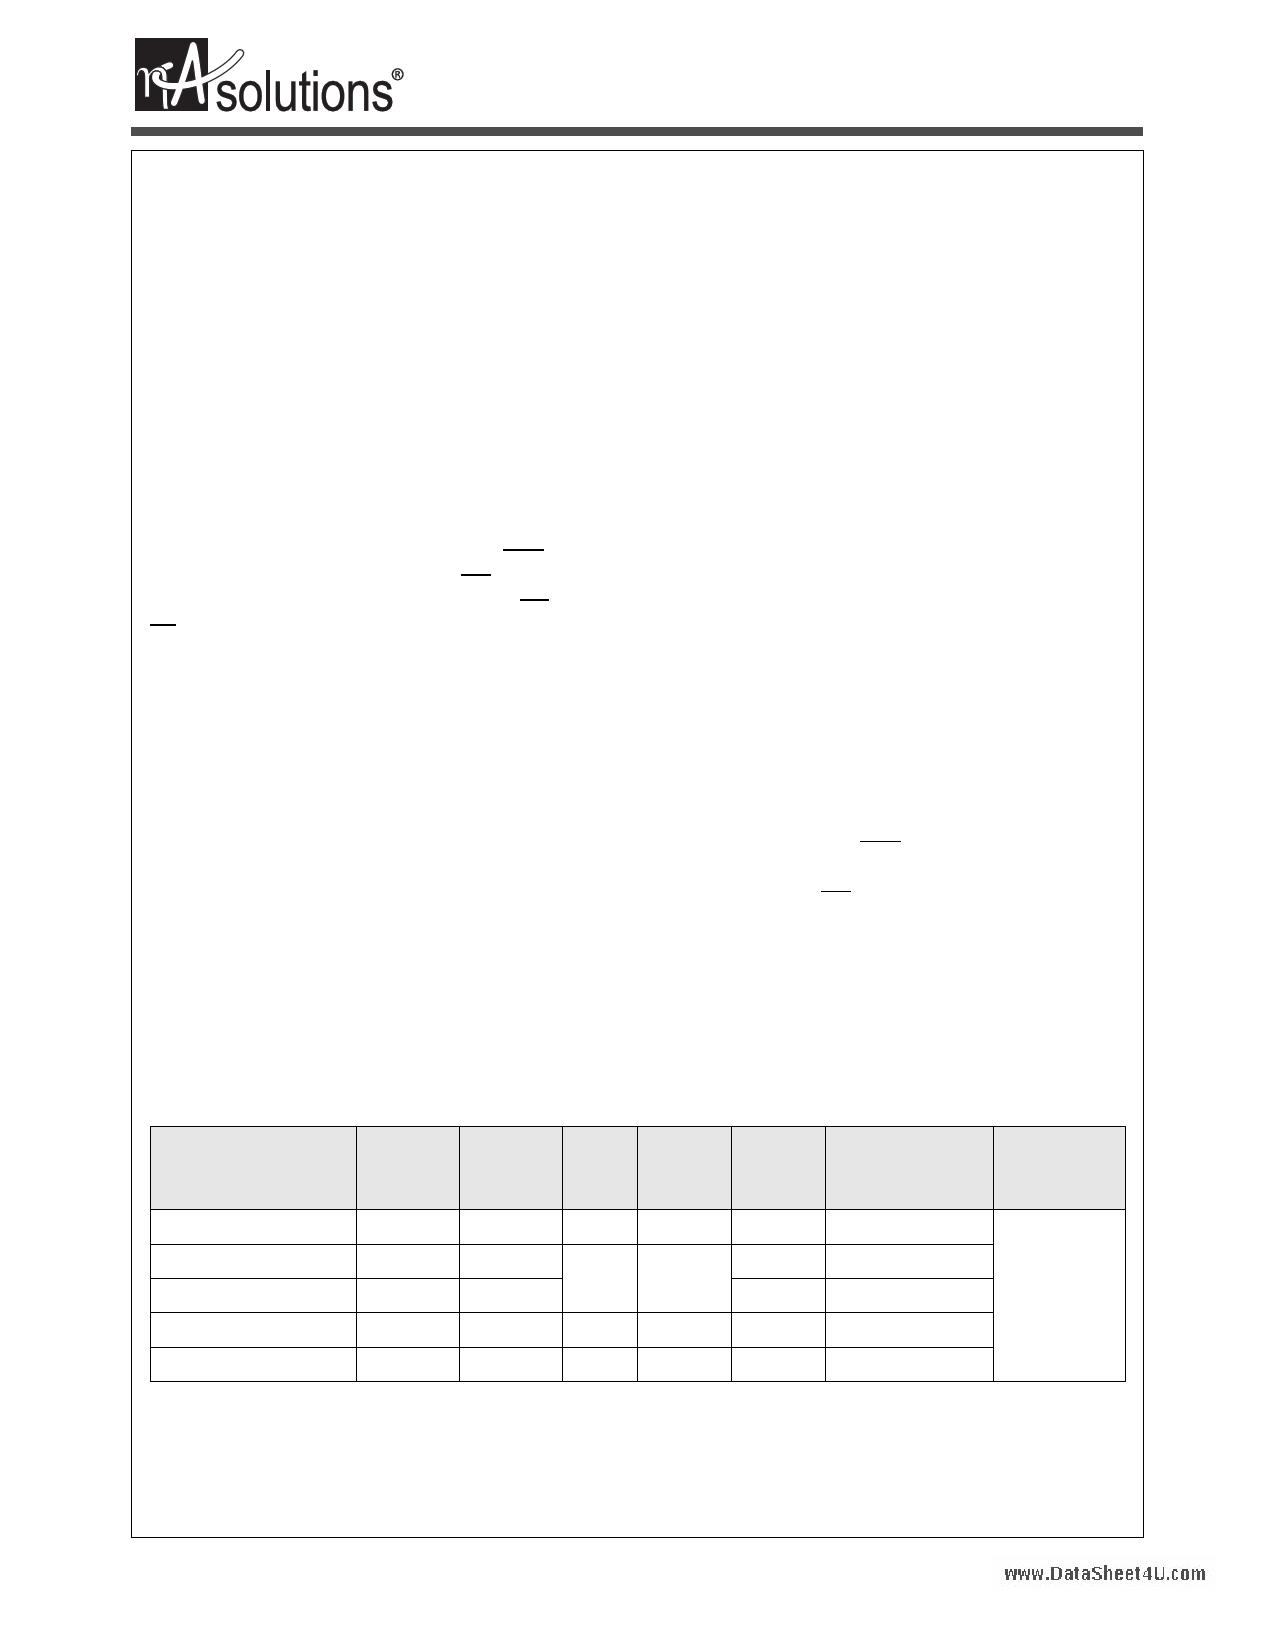 N04Q16YYC2B دیتاشیت PDF